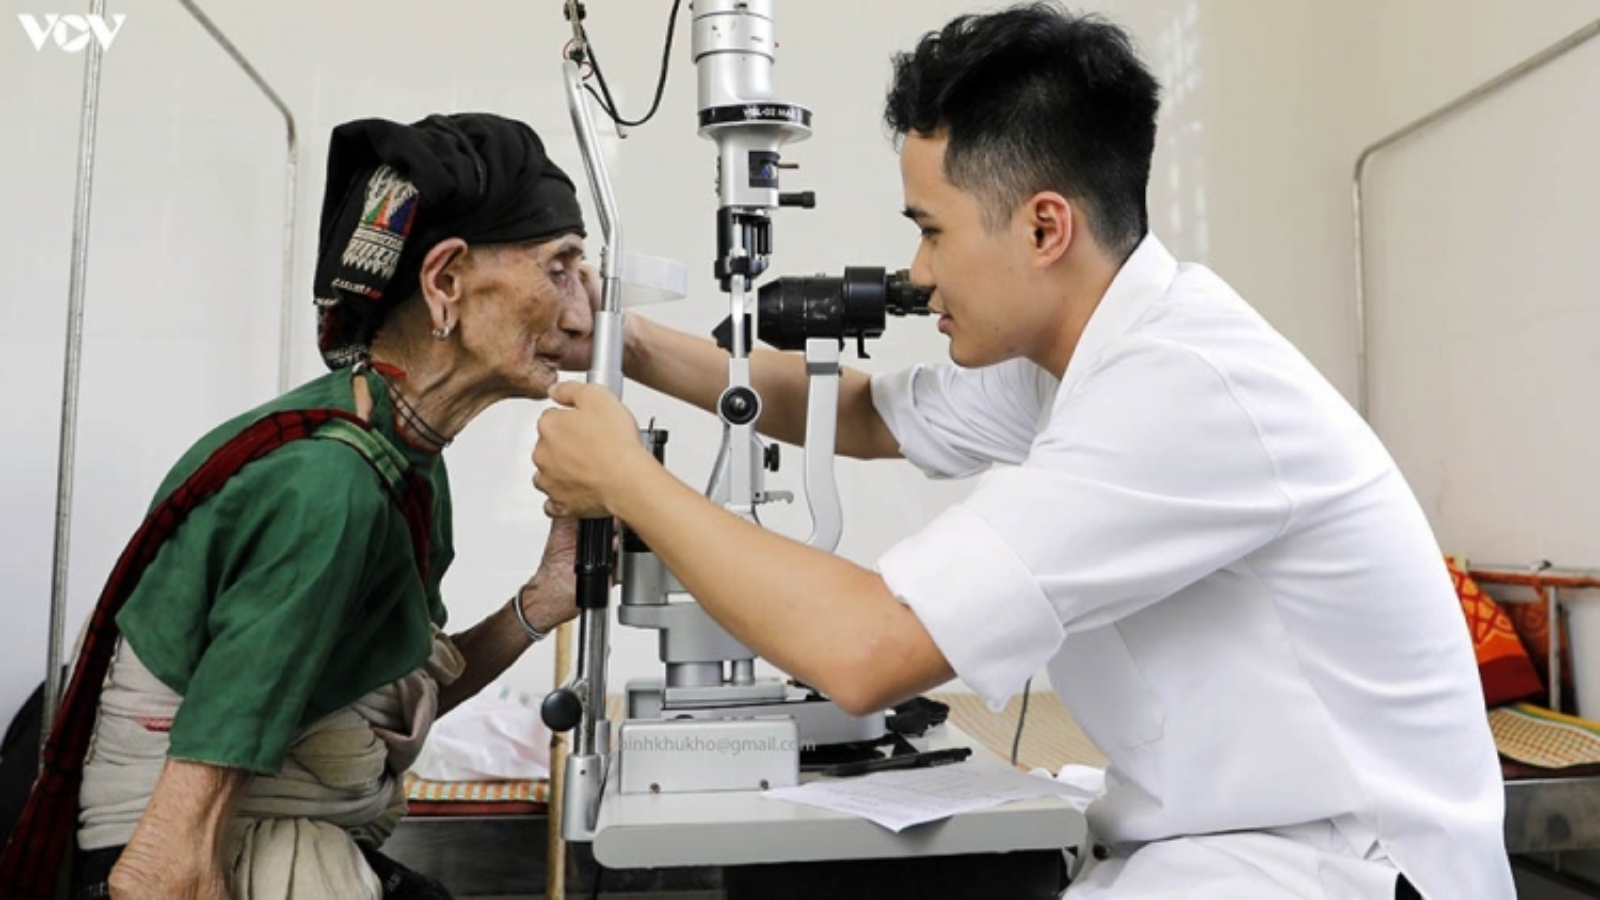 Bệnh viện C Đà Nẵng khám chữa bệnh miễn phí cho hàng ngàn đồng bào Bhnong